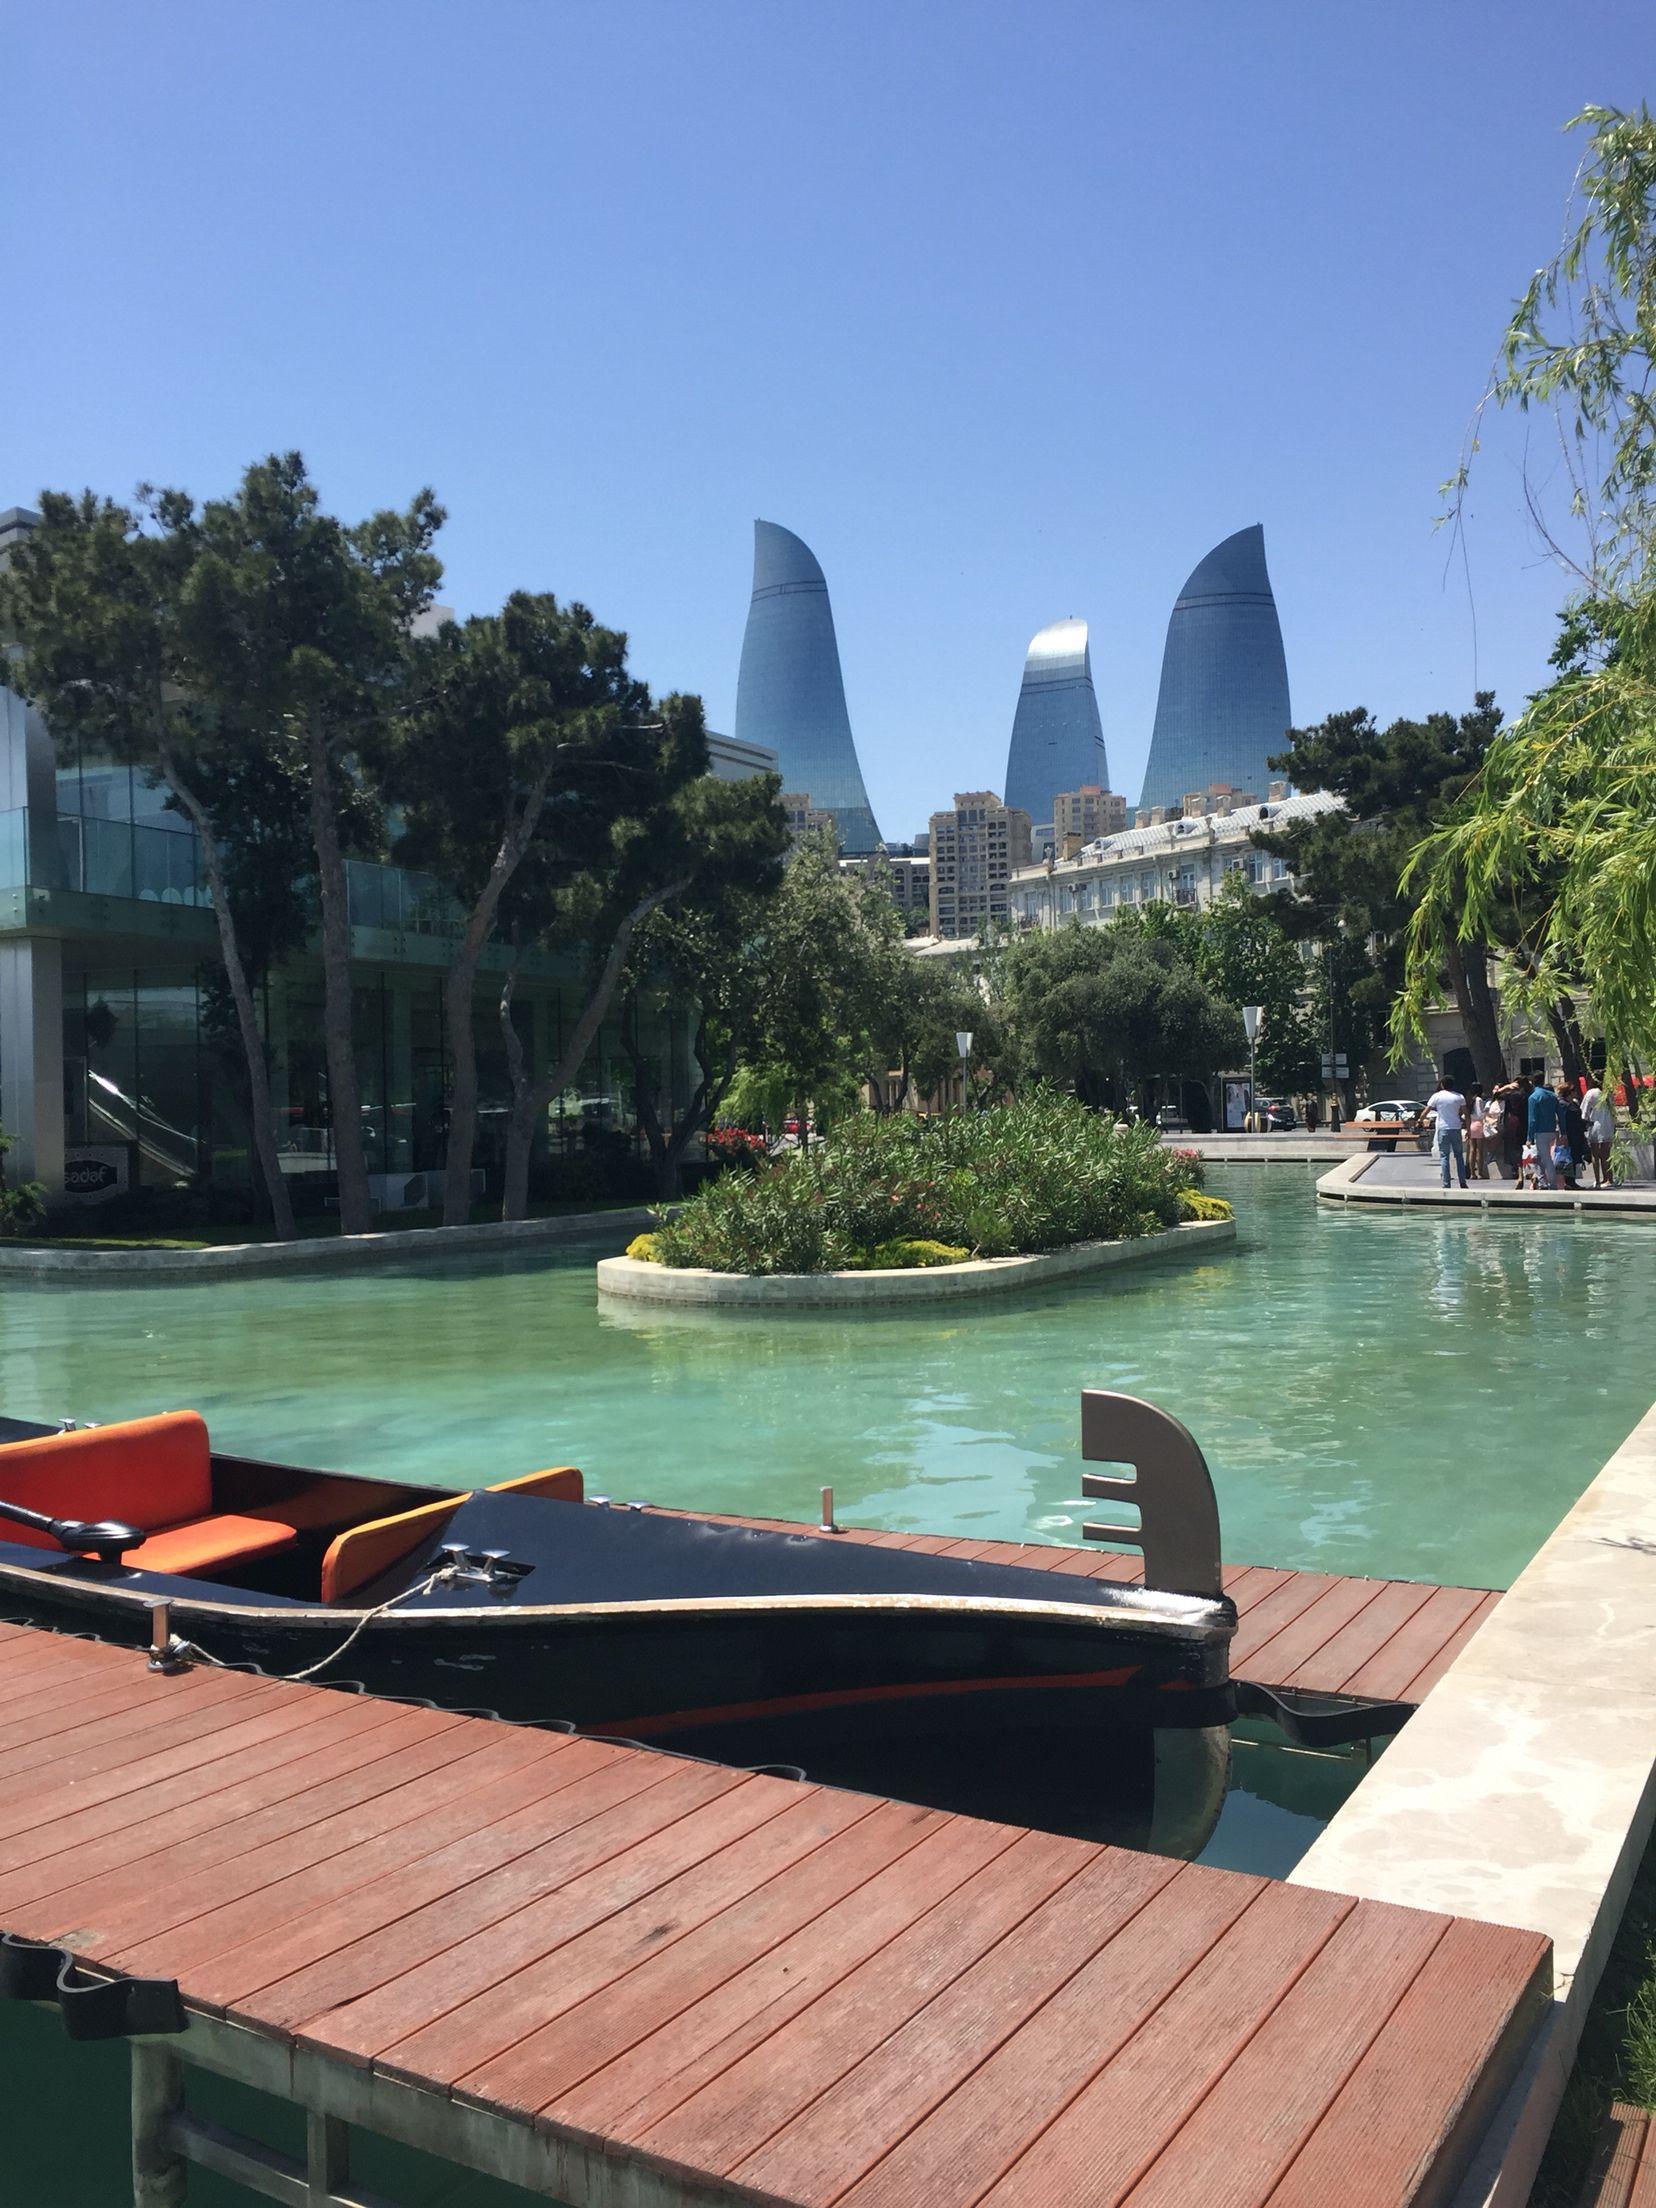 Kicik Venesiya Mini Venice Baku City Azerbaijan Travel Baku Azerbaijan